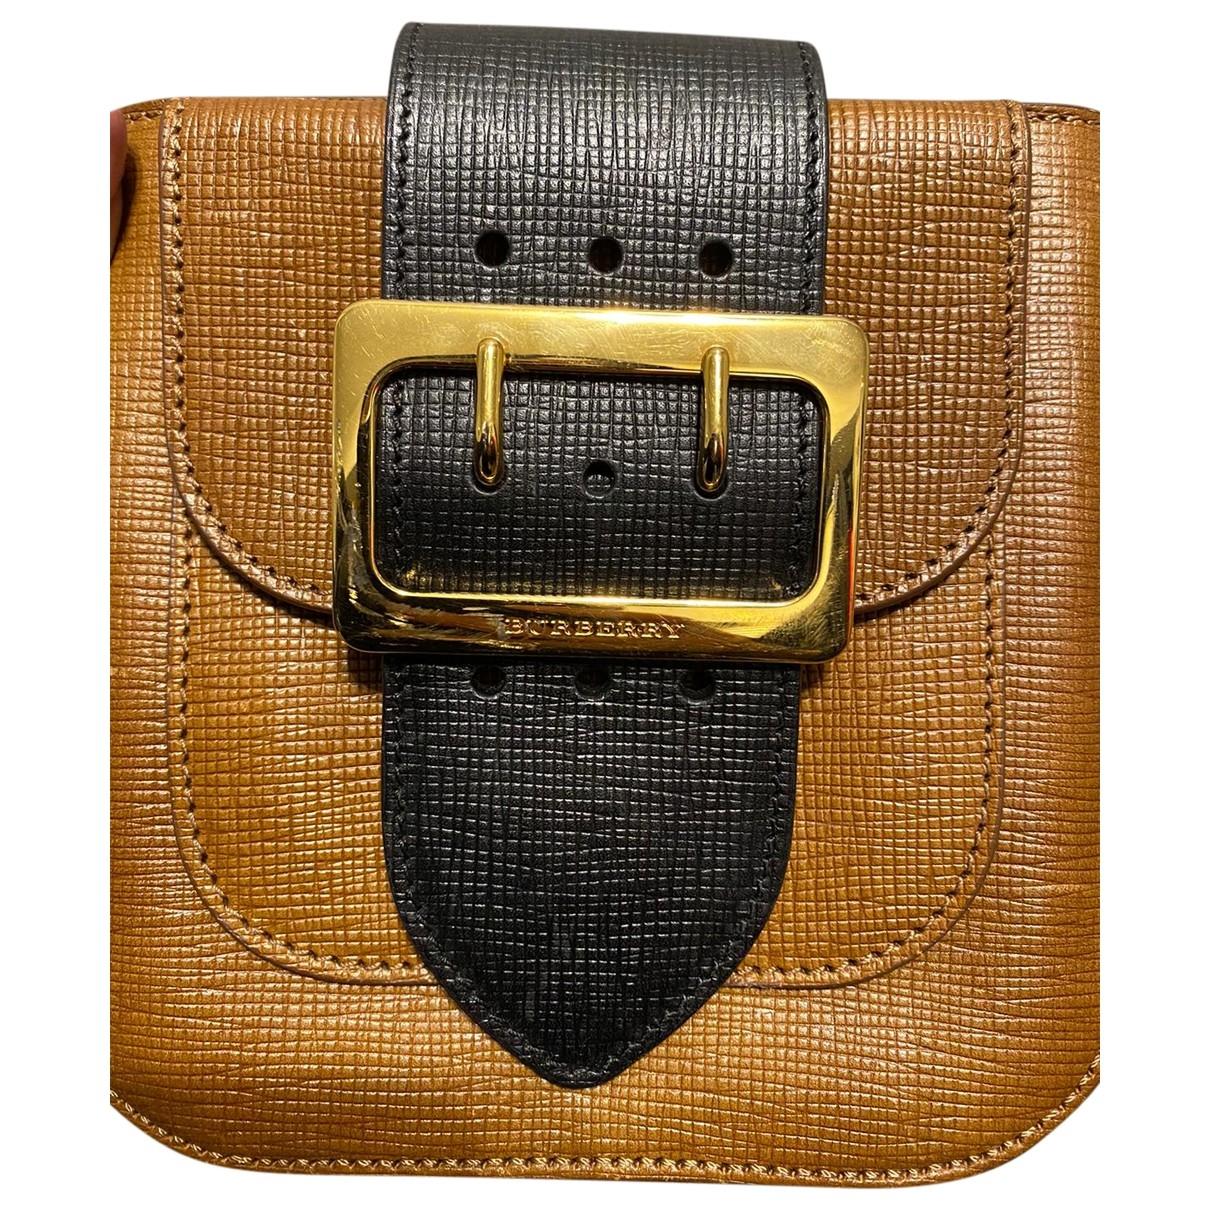 Burberry - Sac a main The Belt pour femme en cuir - camel